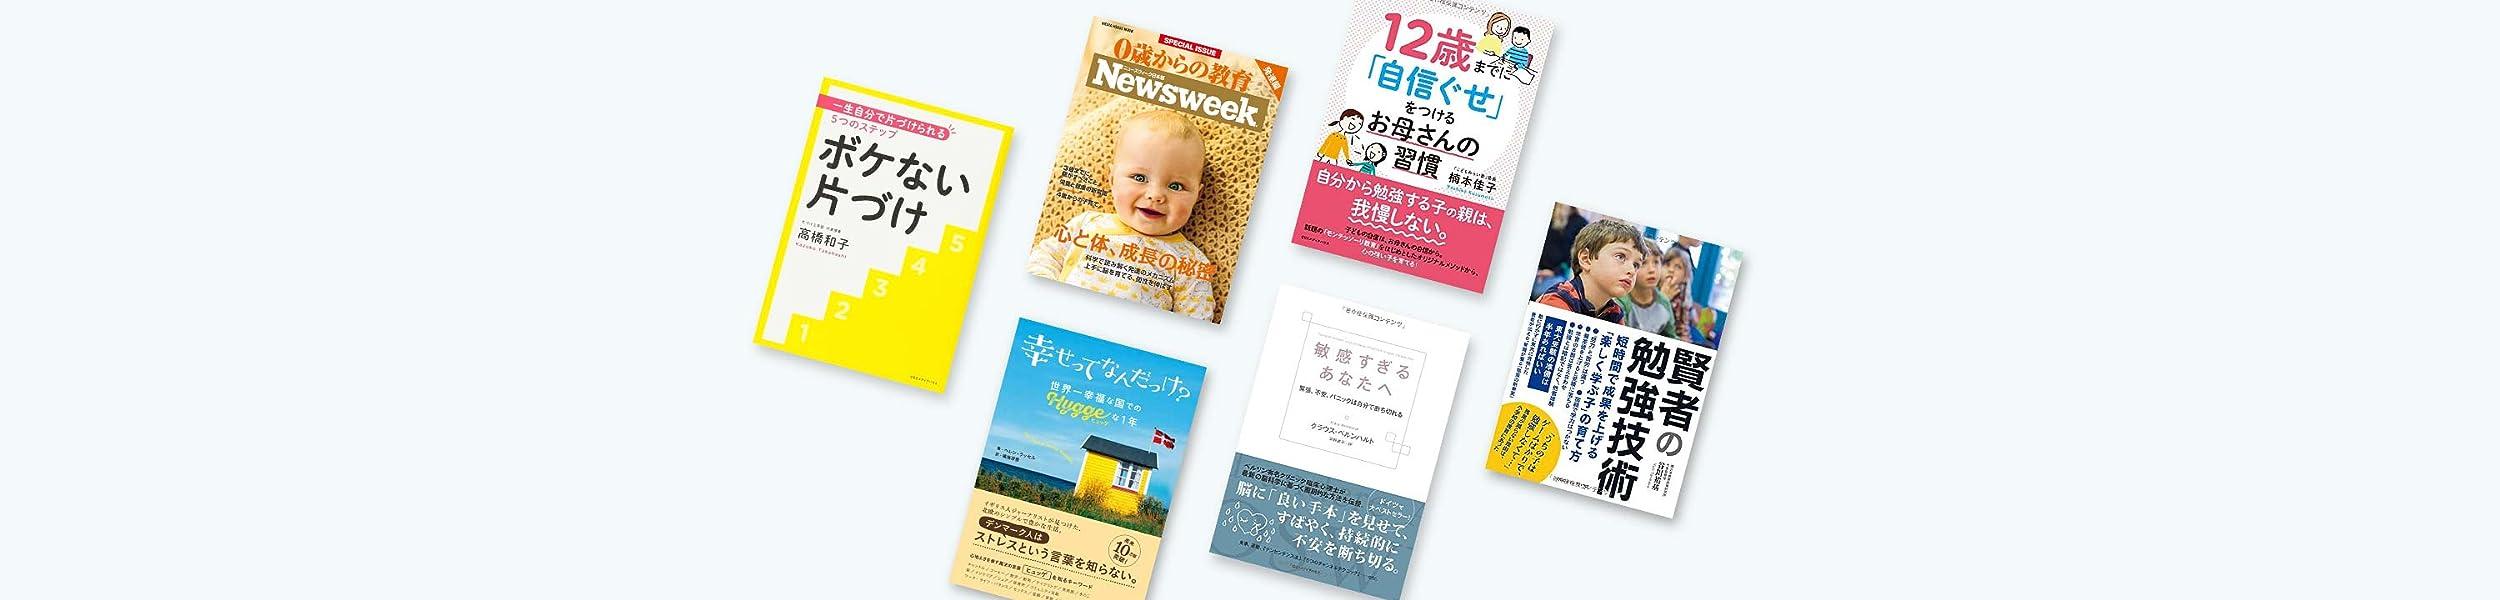 暮らし・育児・ライフスタイルおすすめ書籍